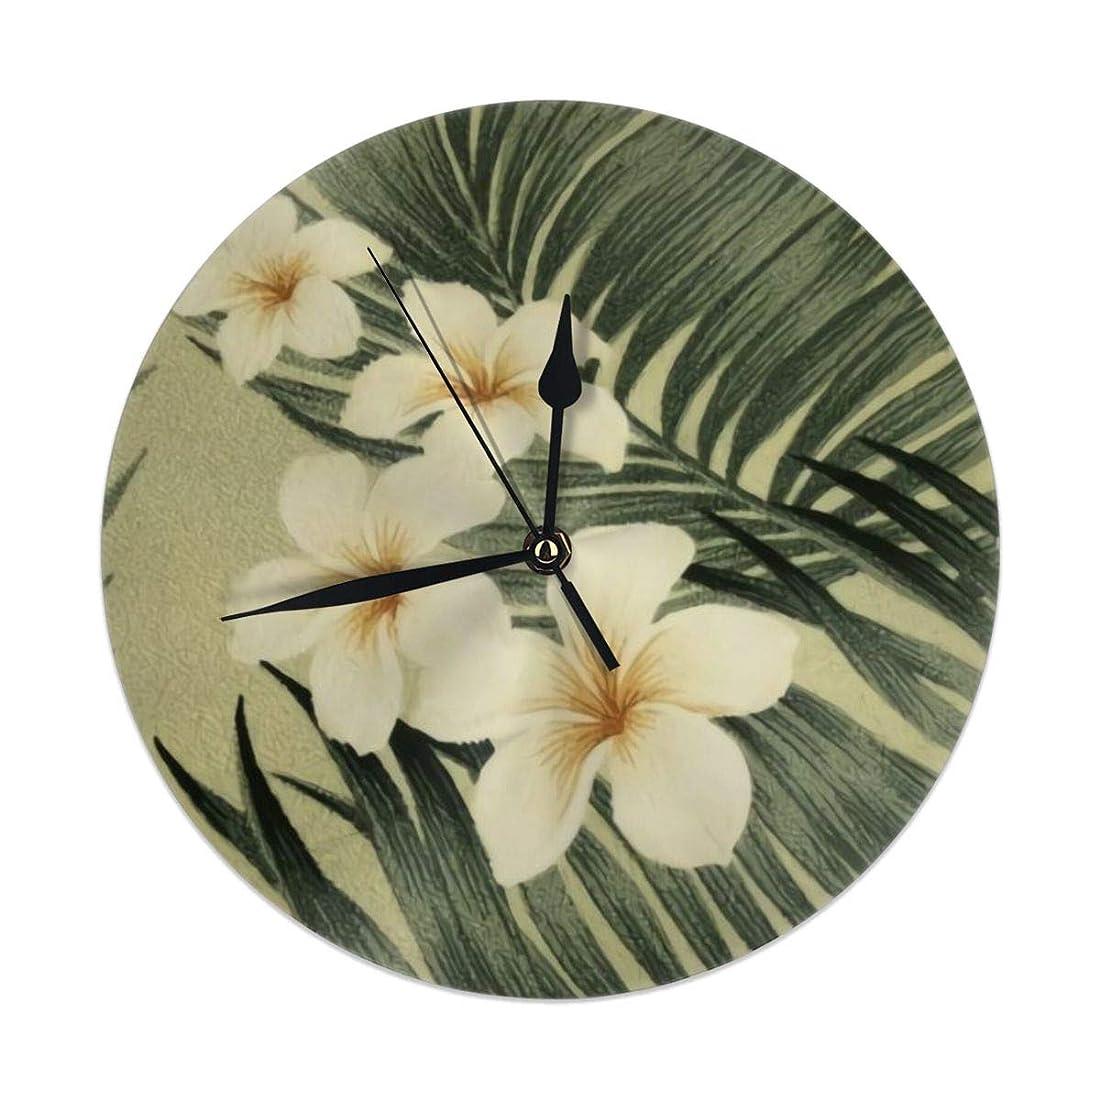 ファンド付き添い人を除く壁掛け時計、熱帯植物??とハイビスカスの花を持つハワイアンクールプリントサイレント非カチカチ音を立てる9.84インチ電池式ラウンド読みやすい家、オフィス、学校の時計